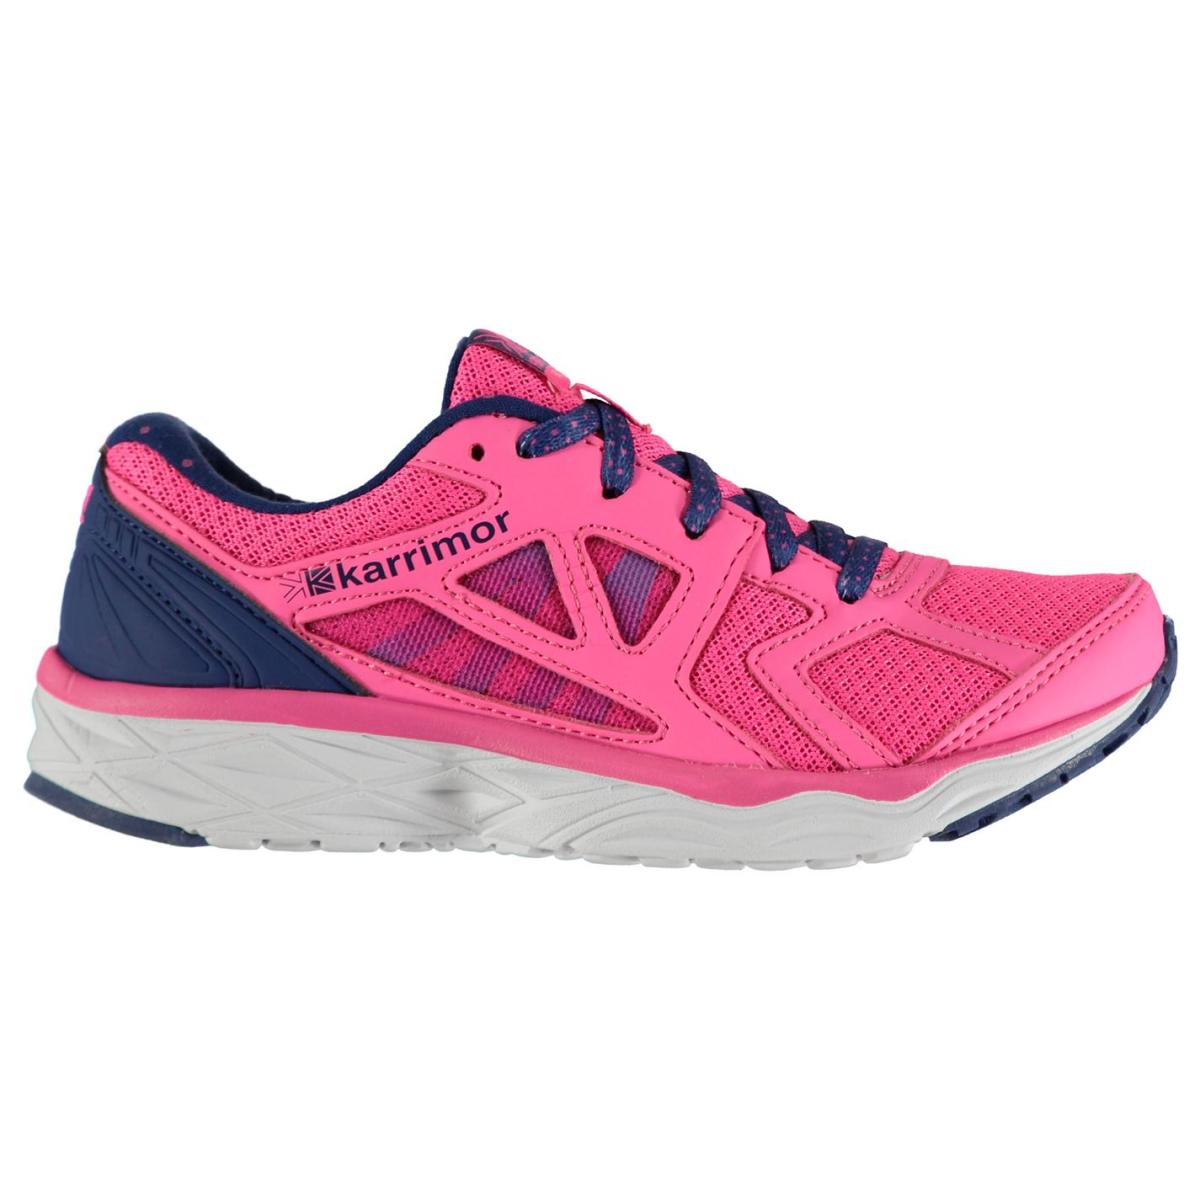 Karrimor Pace Run Laufschuhe Turnschuhe Jungen Pink